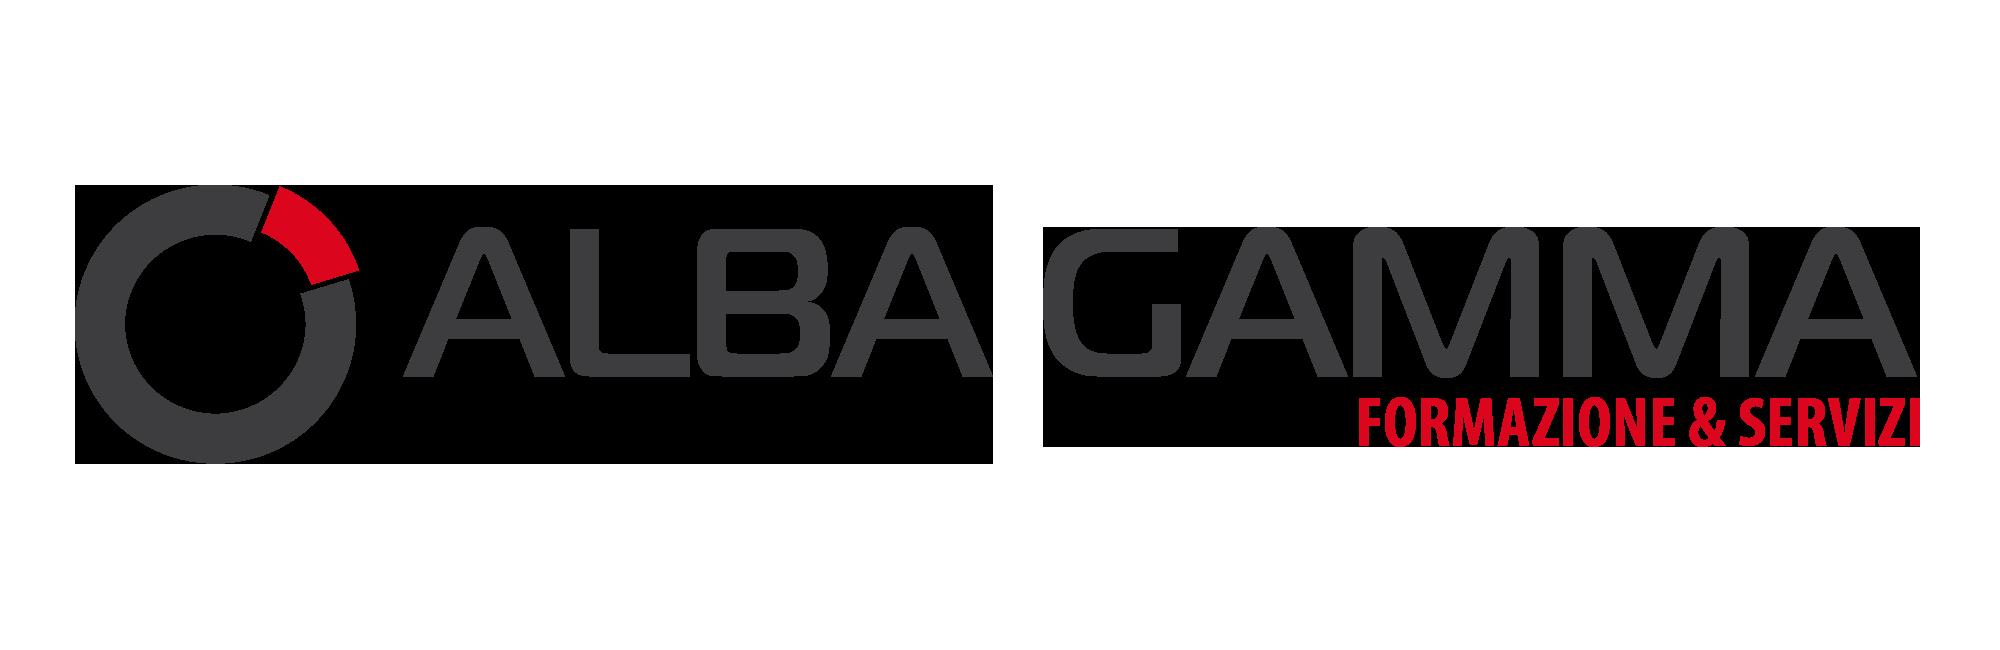 Alba Gamma Formazione